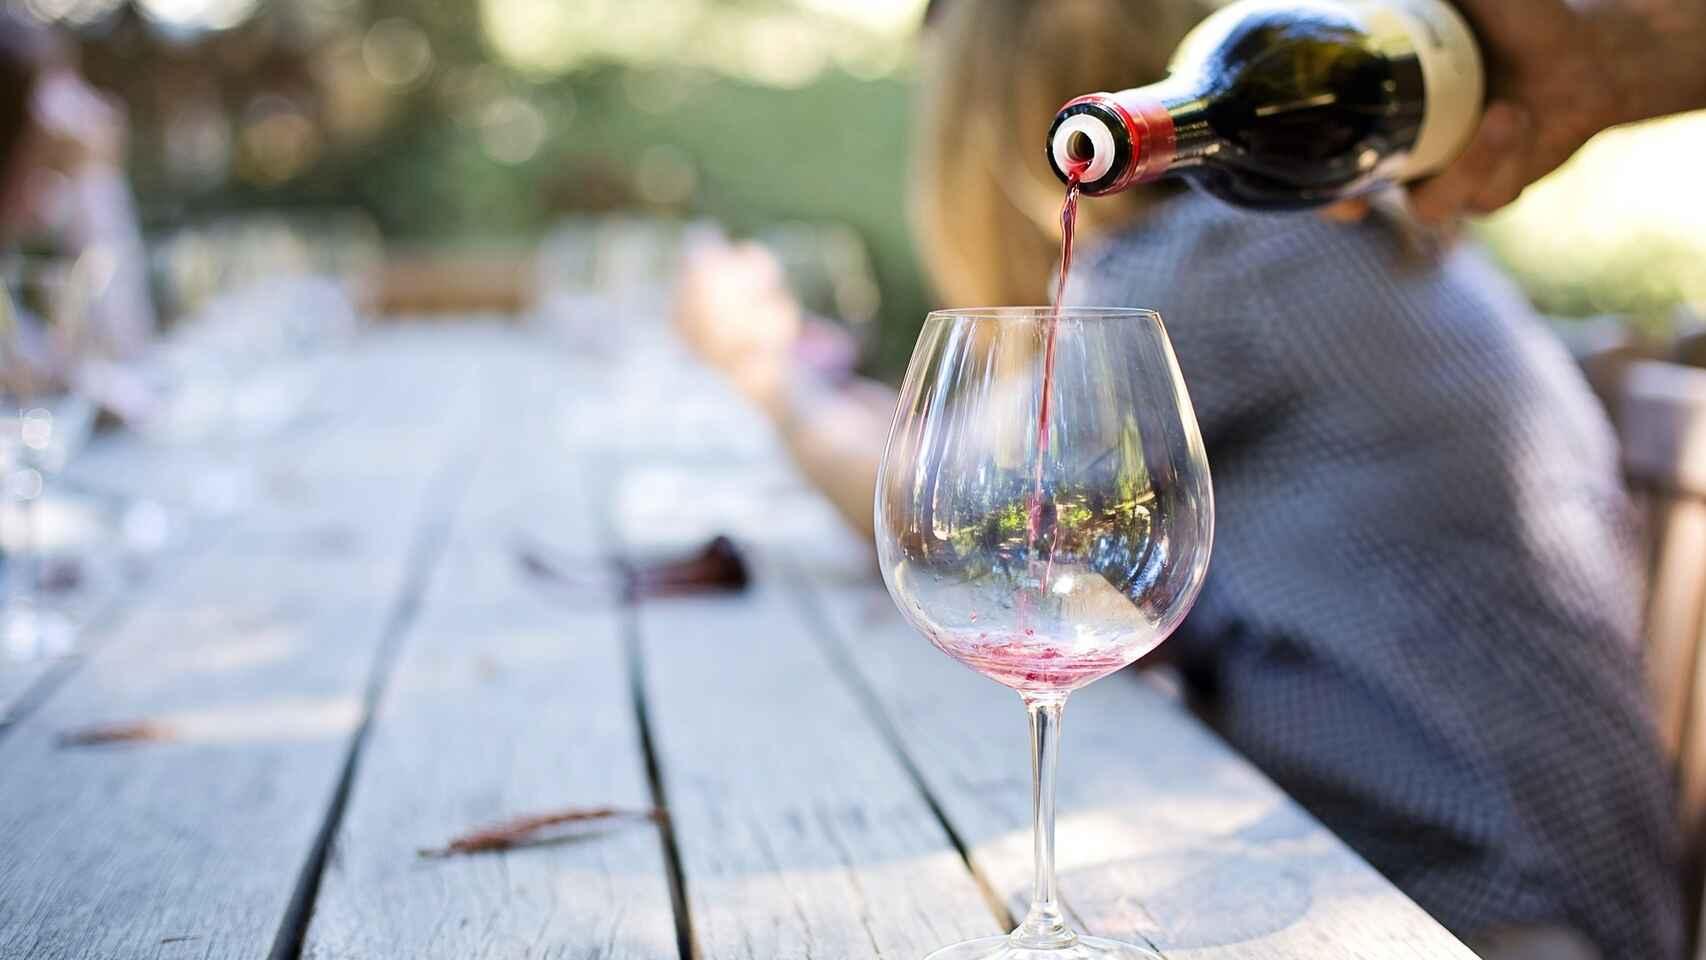 La Consejería de Agricultura, Ganadería y Desarrollo Rural publica las ayudas a reestructuración y reconversión de viñedo para fortalecer al sector en la Comunidad 1